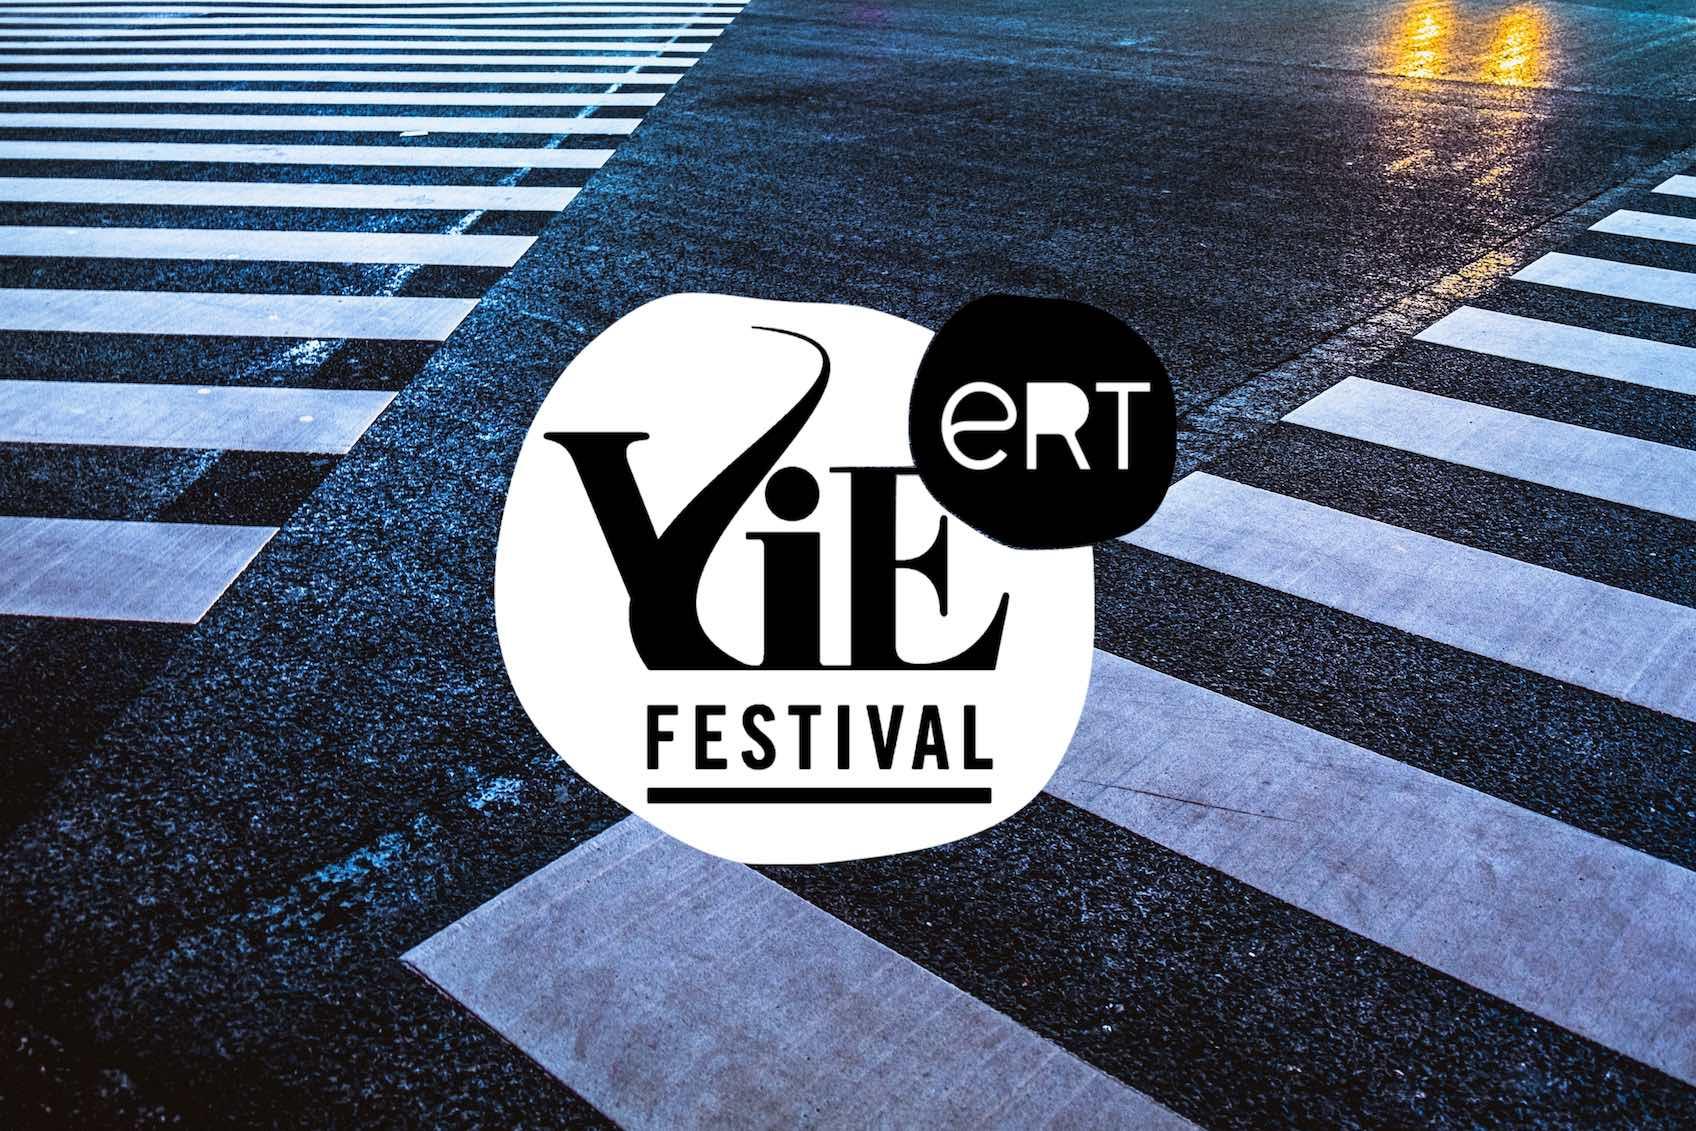 Tutti a bordo si parte per il VIE Festival! Navette da Cesena